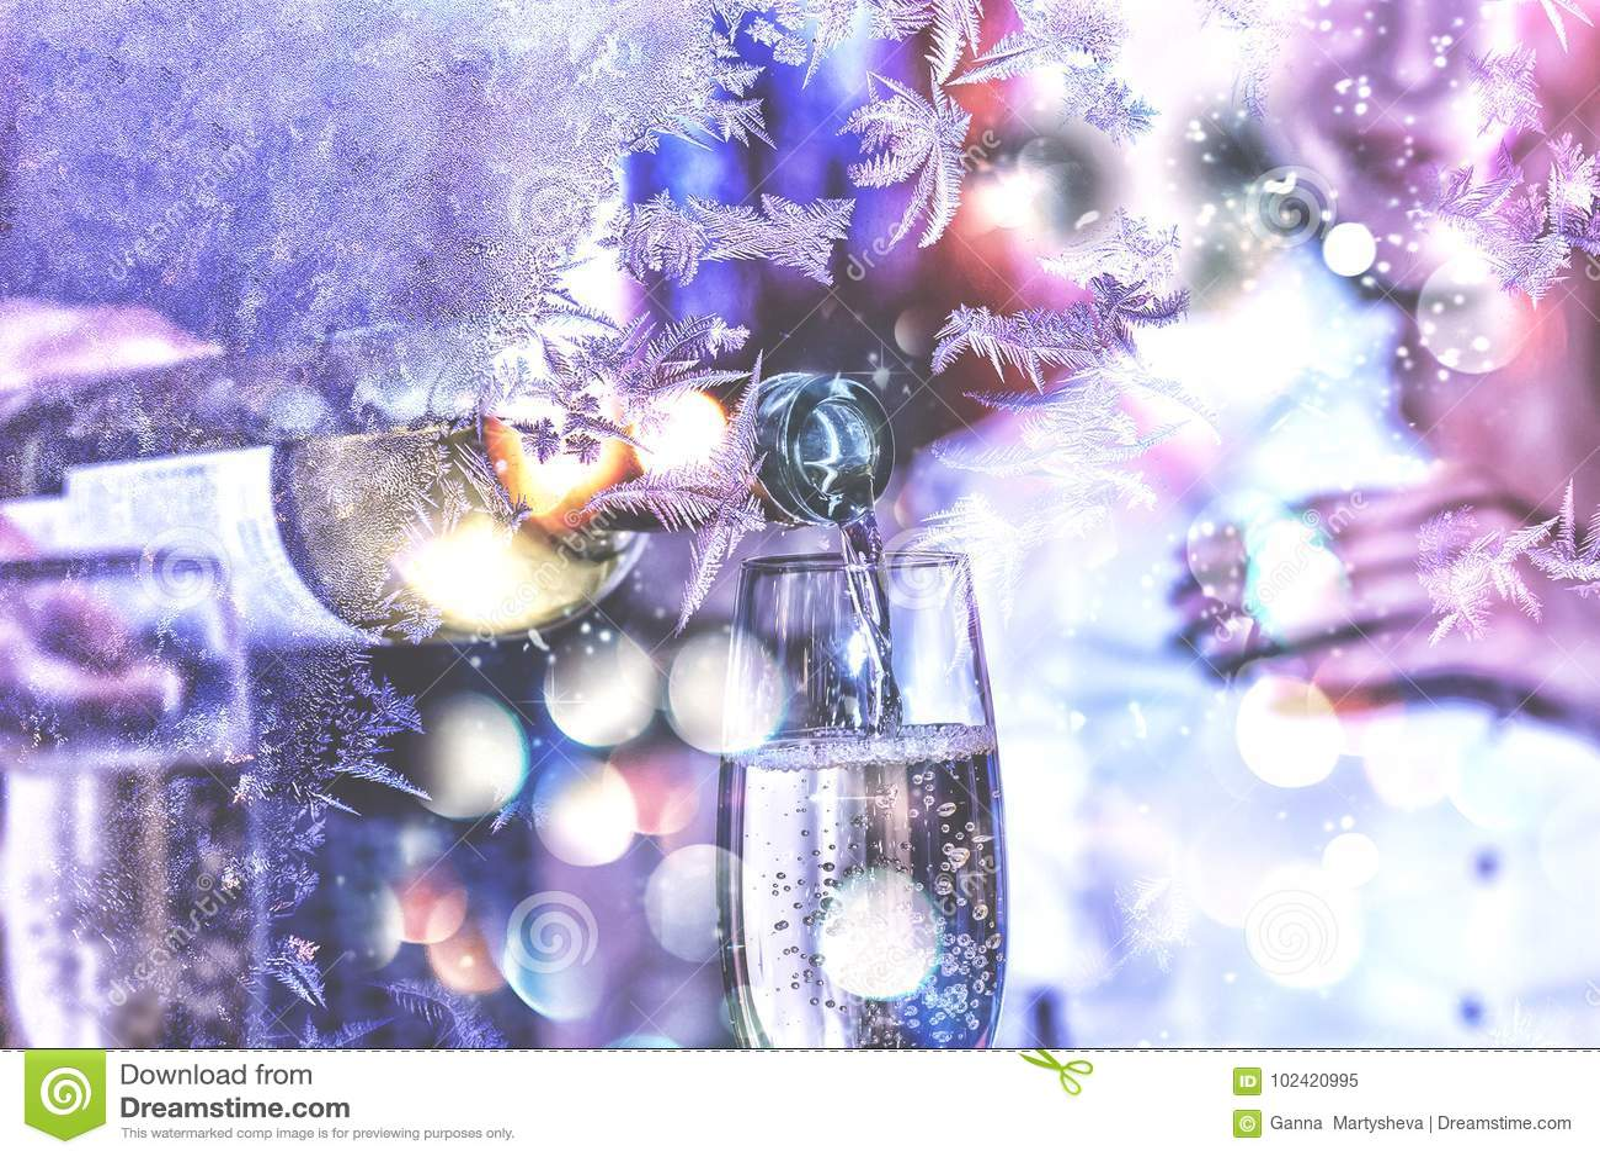 νέο έτος Χριστουγέννων Εορτασμός βαλεντίνος ημέρας s Το Sommelier ή ο σερβιτόρος χύνει το άσπρο κρασί σε ένα ποτήρι